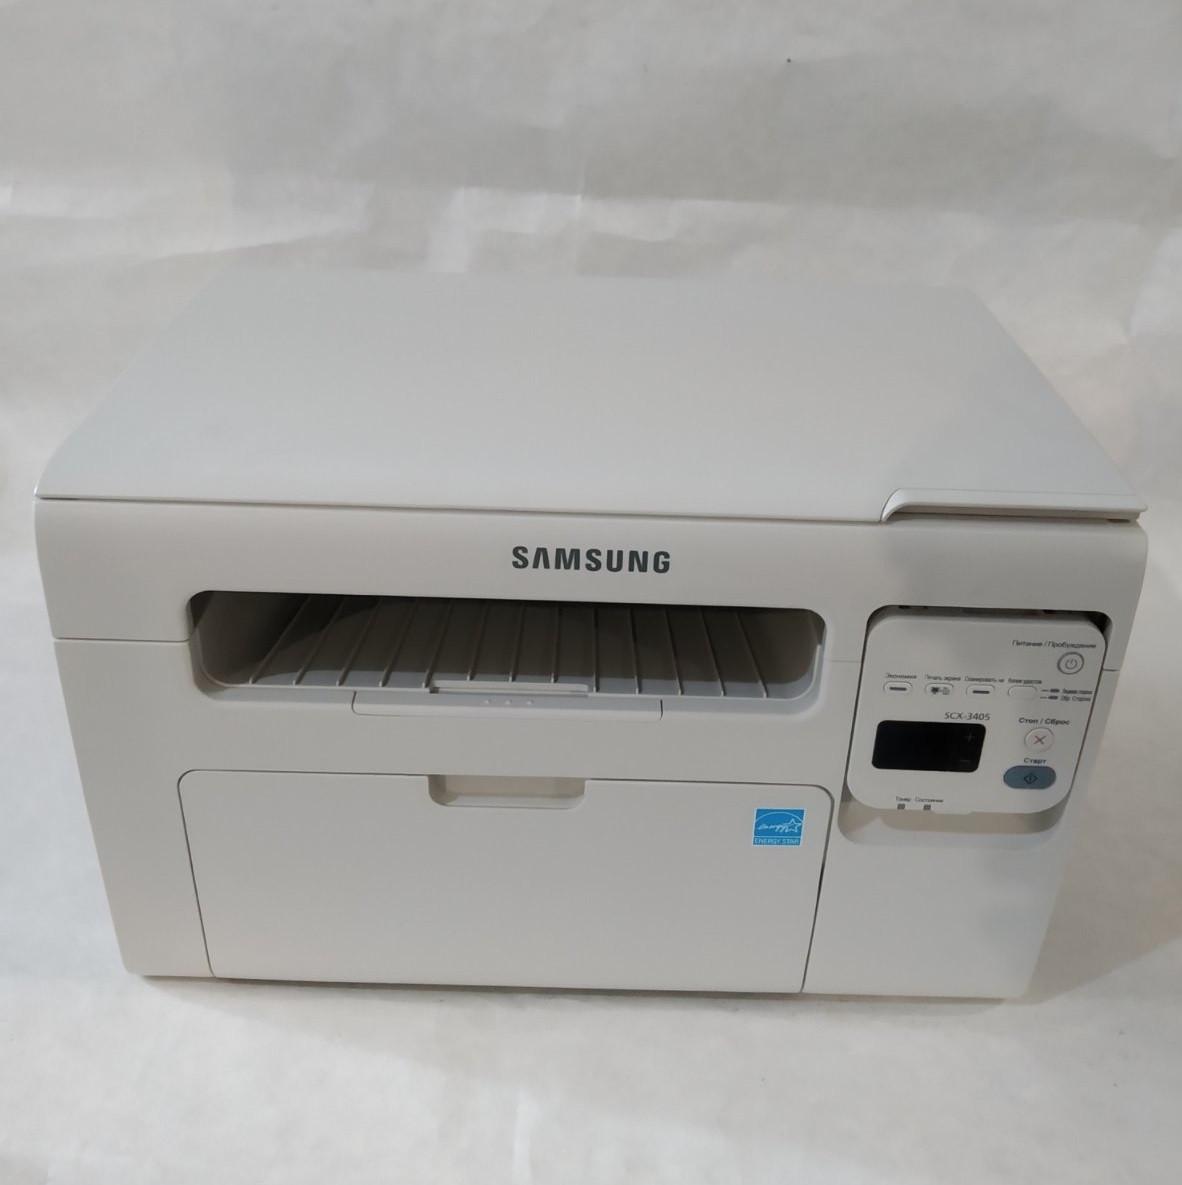 МФУ Samsung SCX-3405 - Б/У